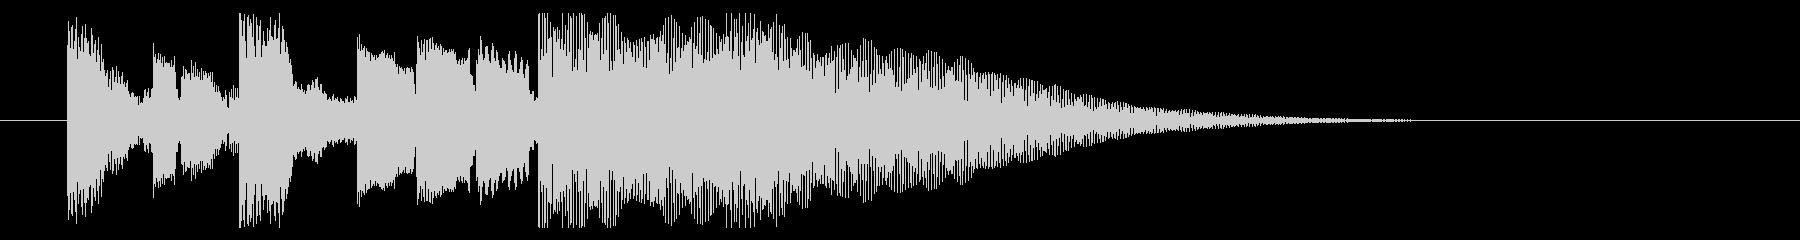 サウンドロゴ、ジングル#6の未再生の波形